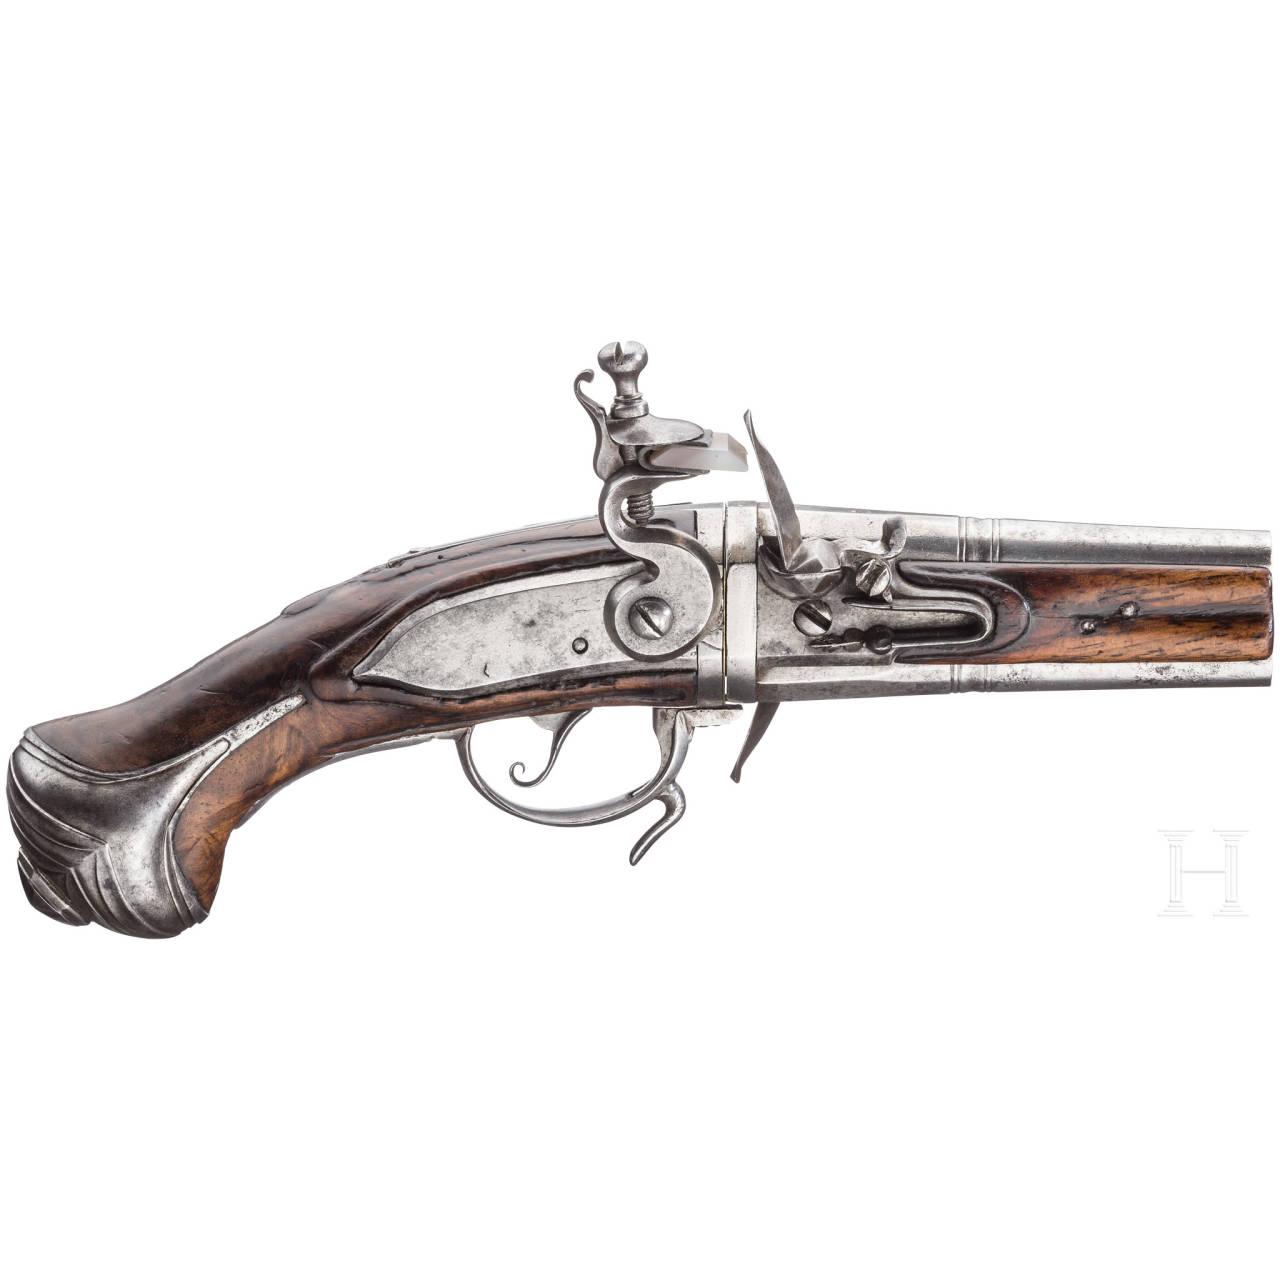 A French (?) turnover-flintlock pistol, circa 1700